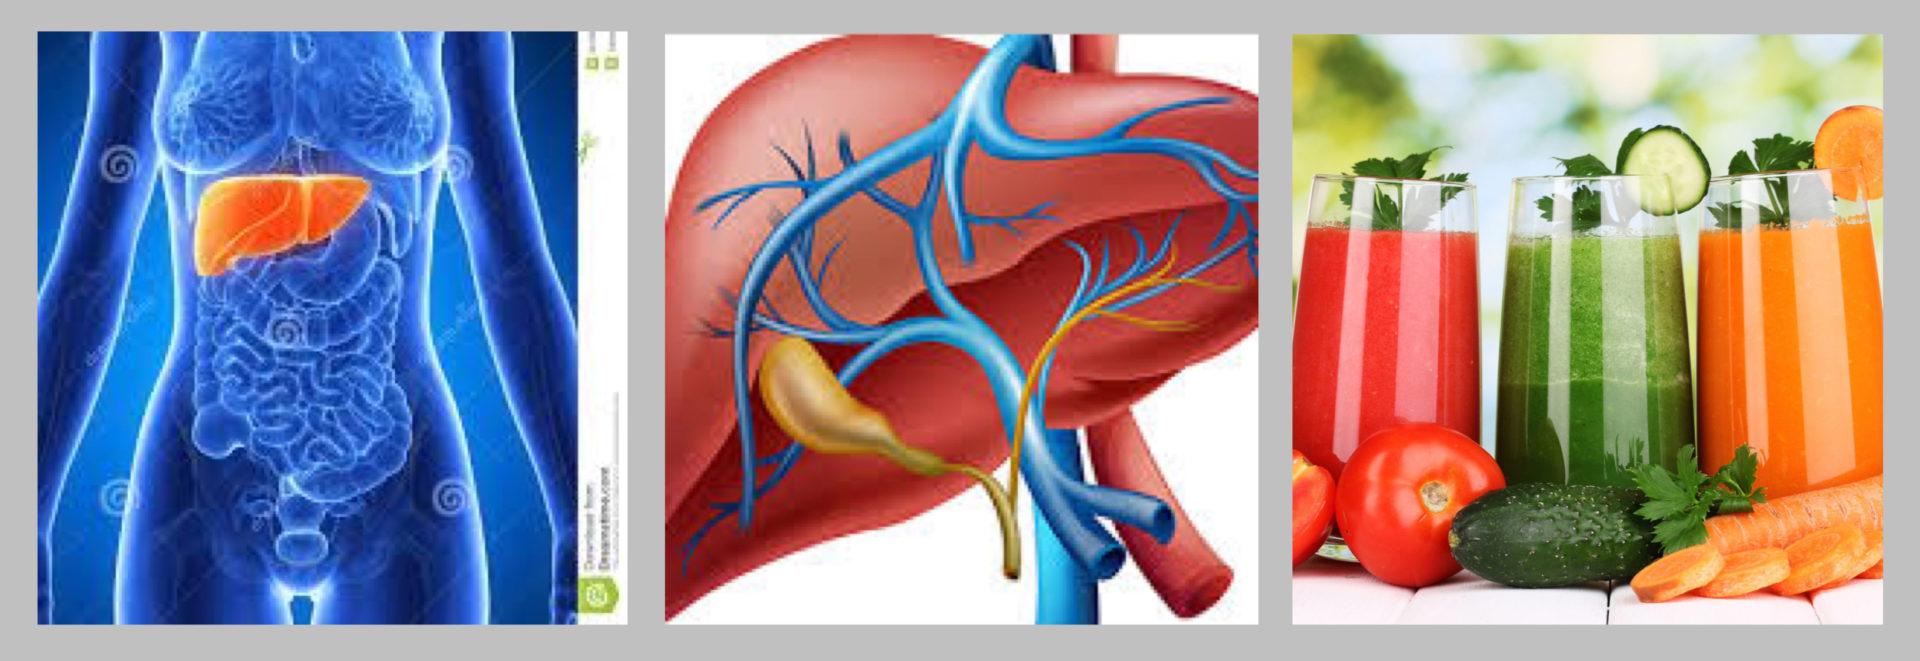 nutrienti per una prostata e un rene sani